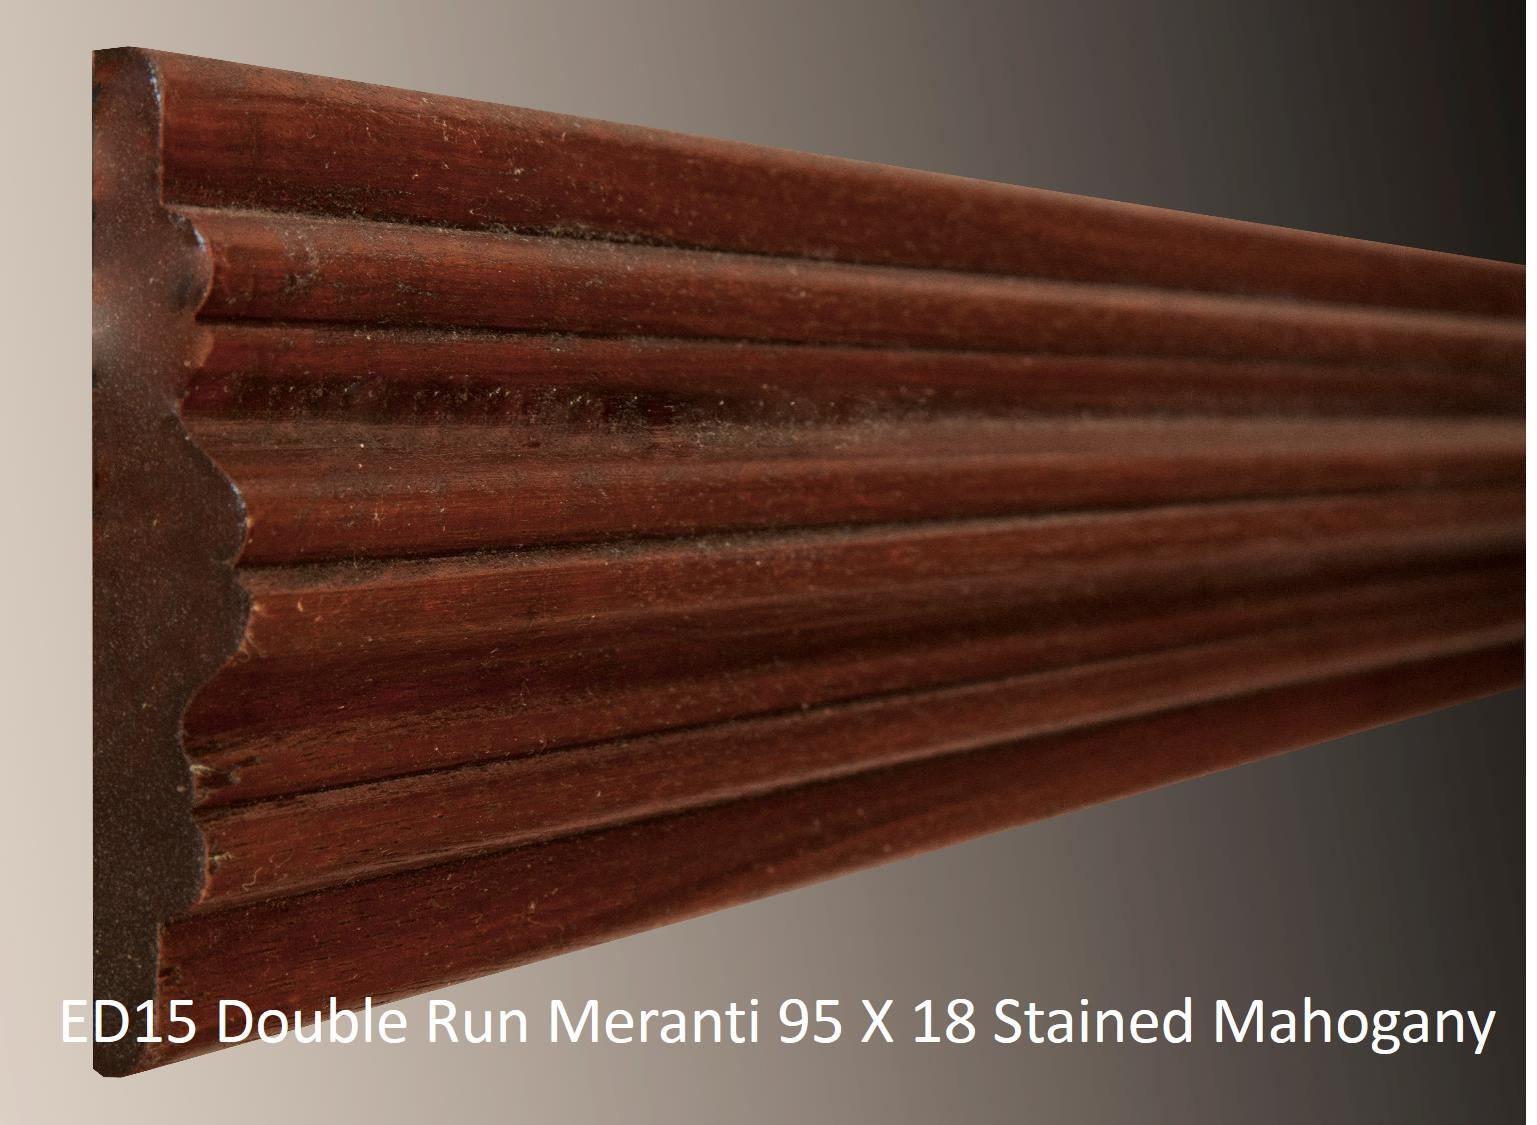 ED15 Double Run Meranti 95 X 18 Stained Mahogany